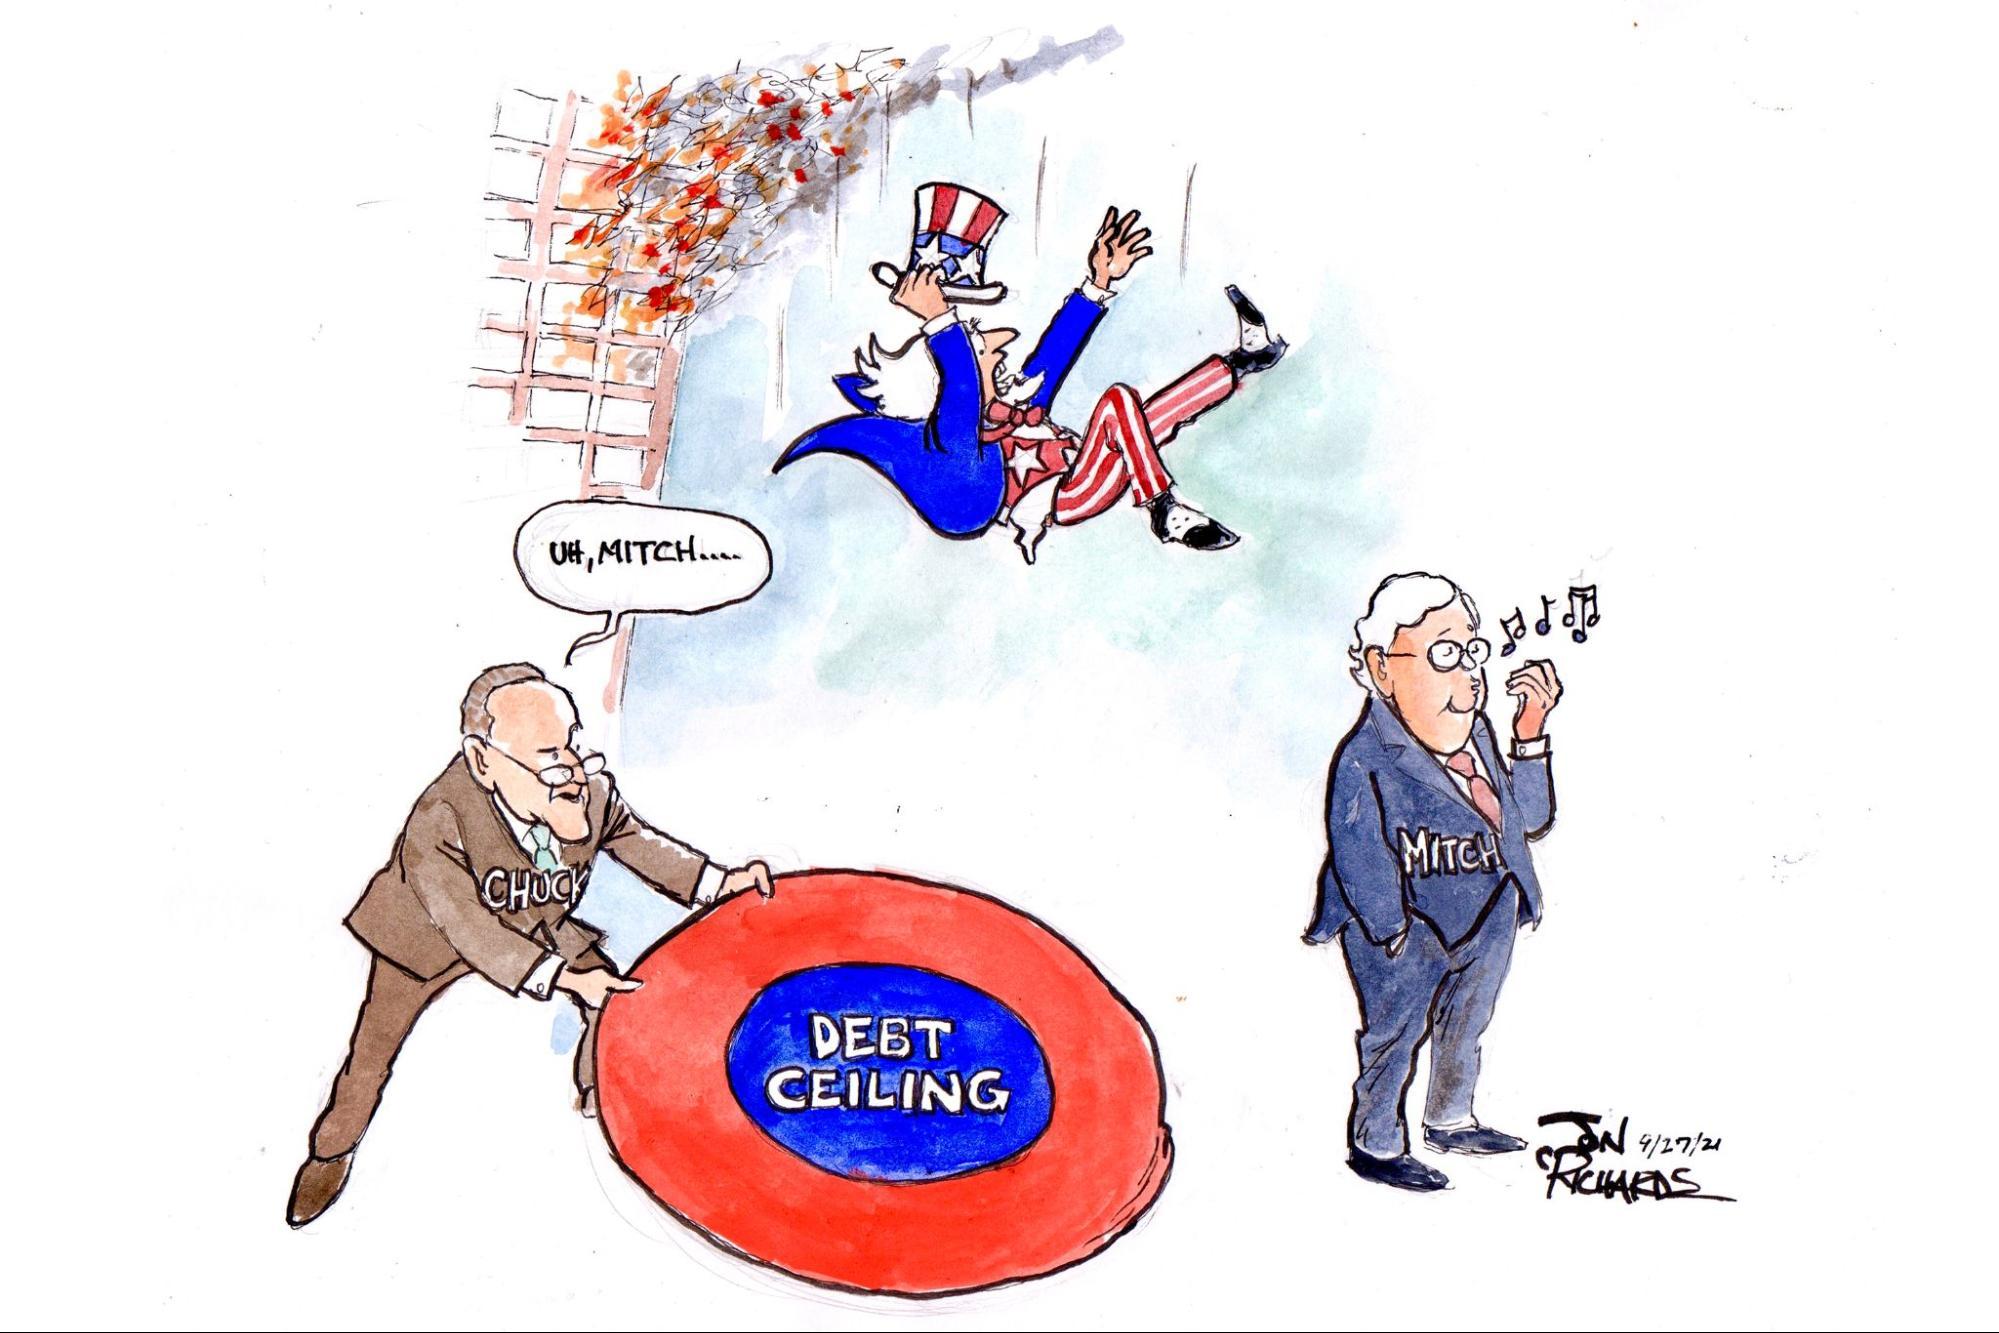 Chuck Schumer, Mitch McConnell, debt ceiling